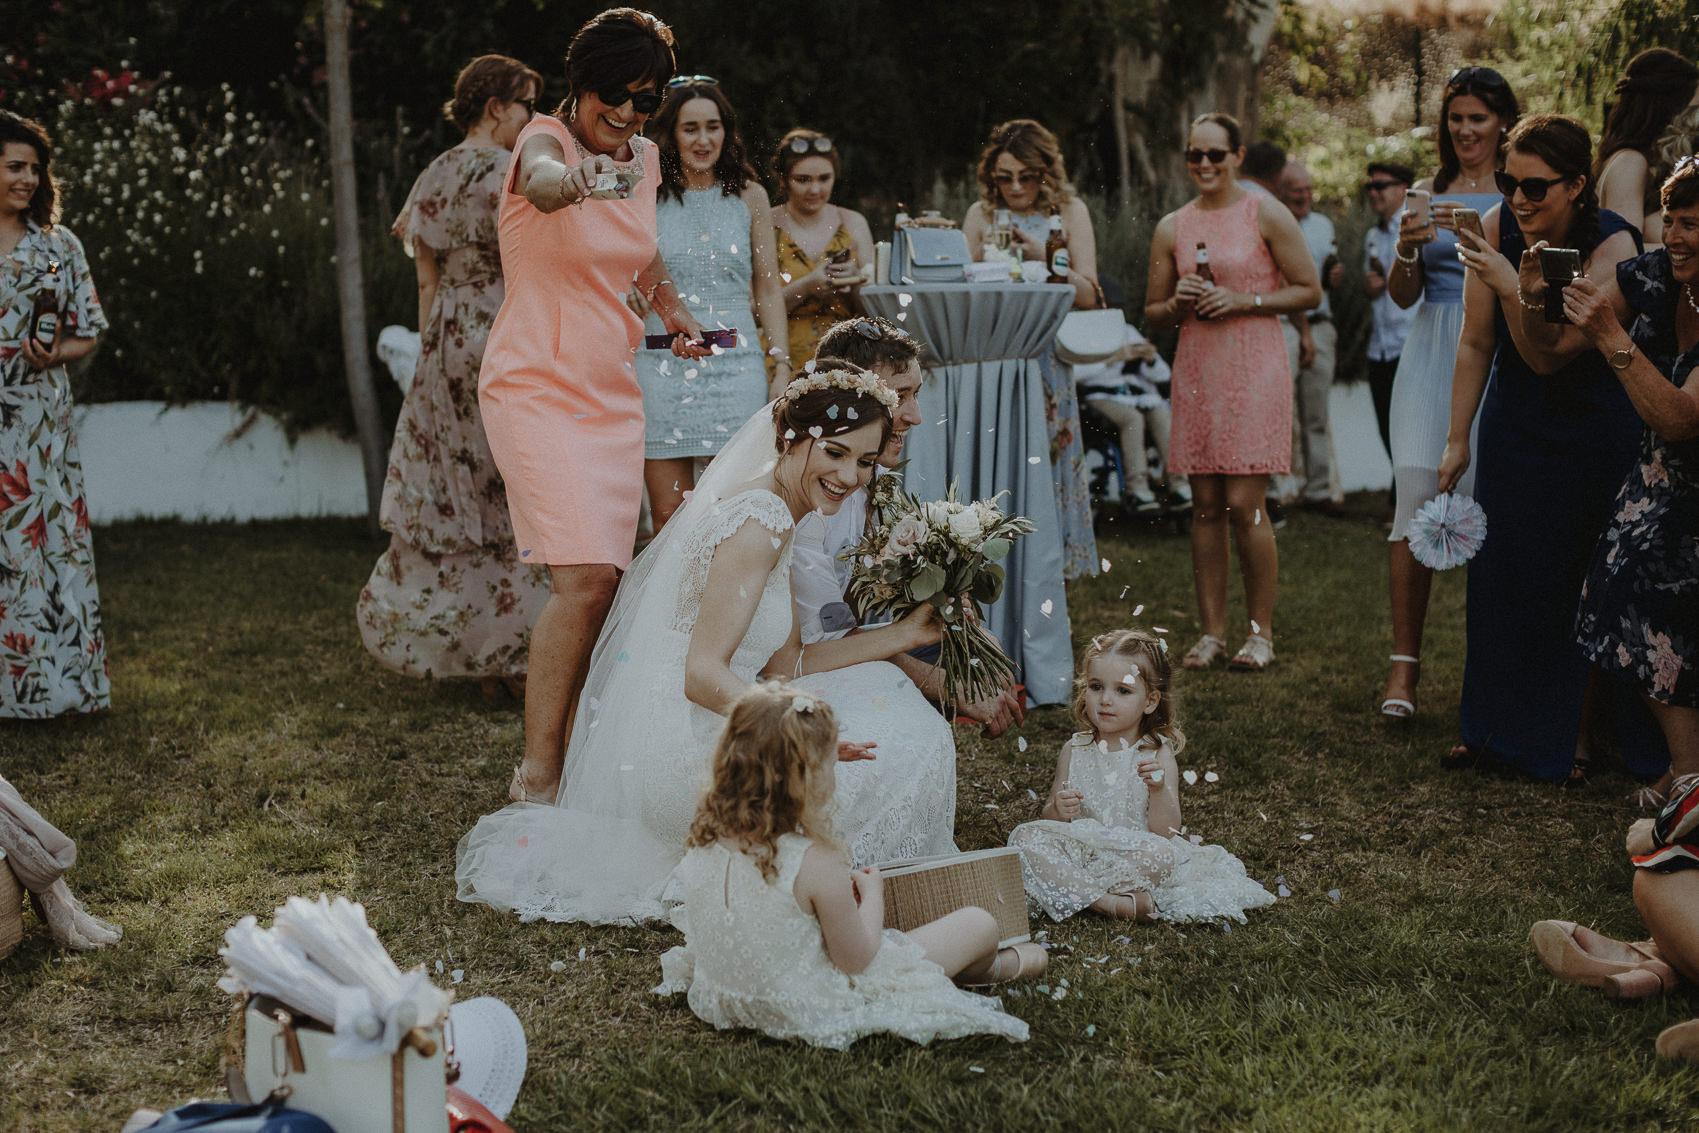 Sarah & Bill | Summer wedding at Cortijo Rosa Blanca | Marbella - Spain 98